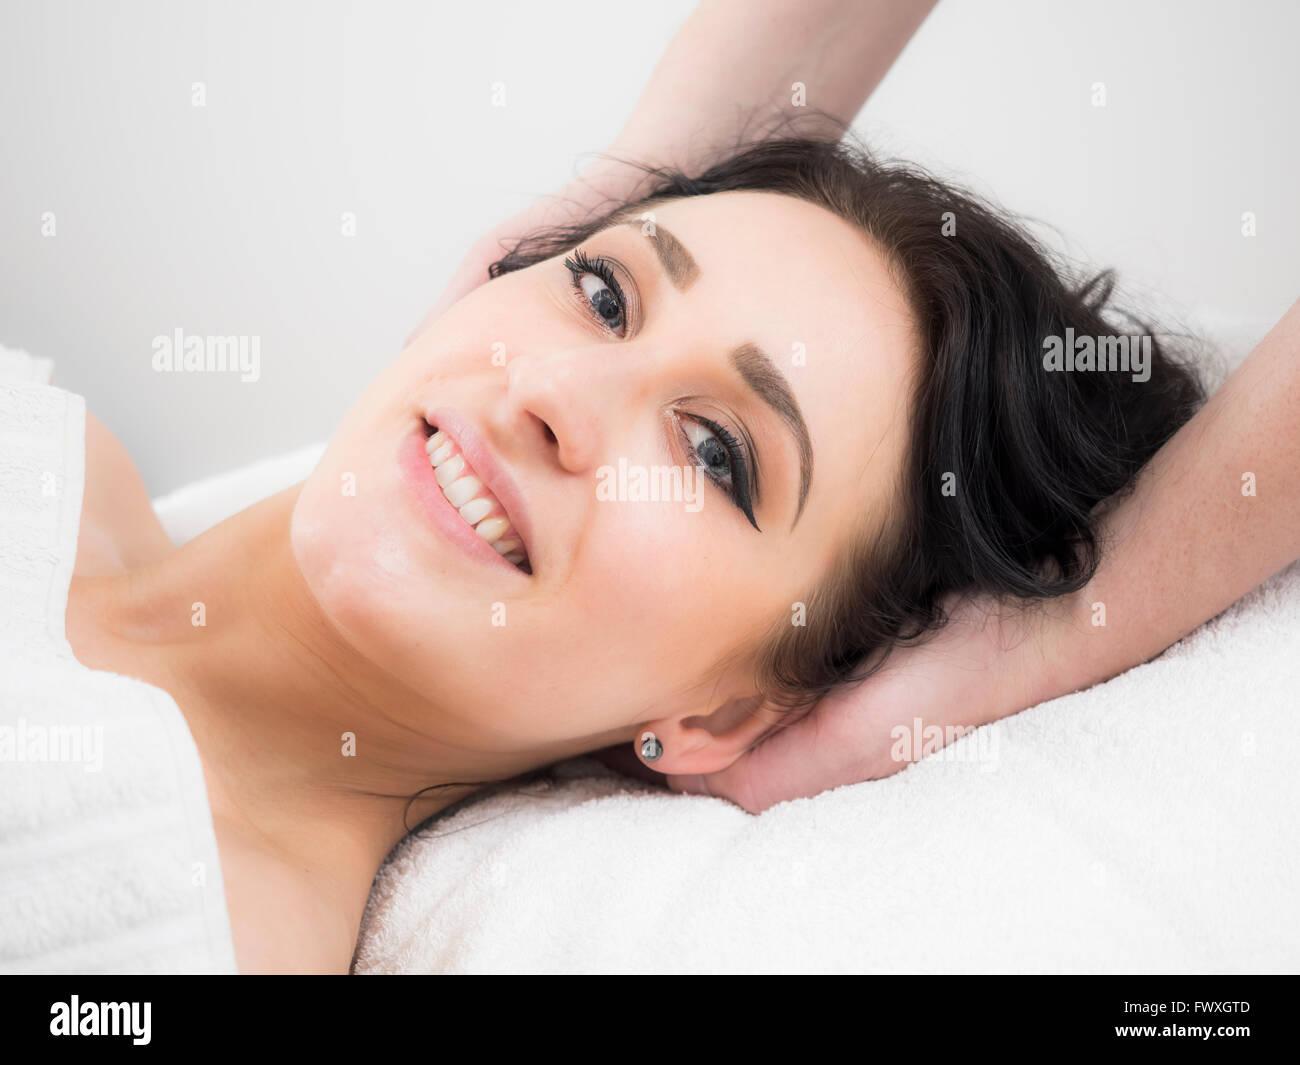 Full figure female nudes